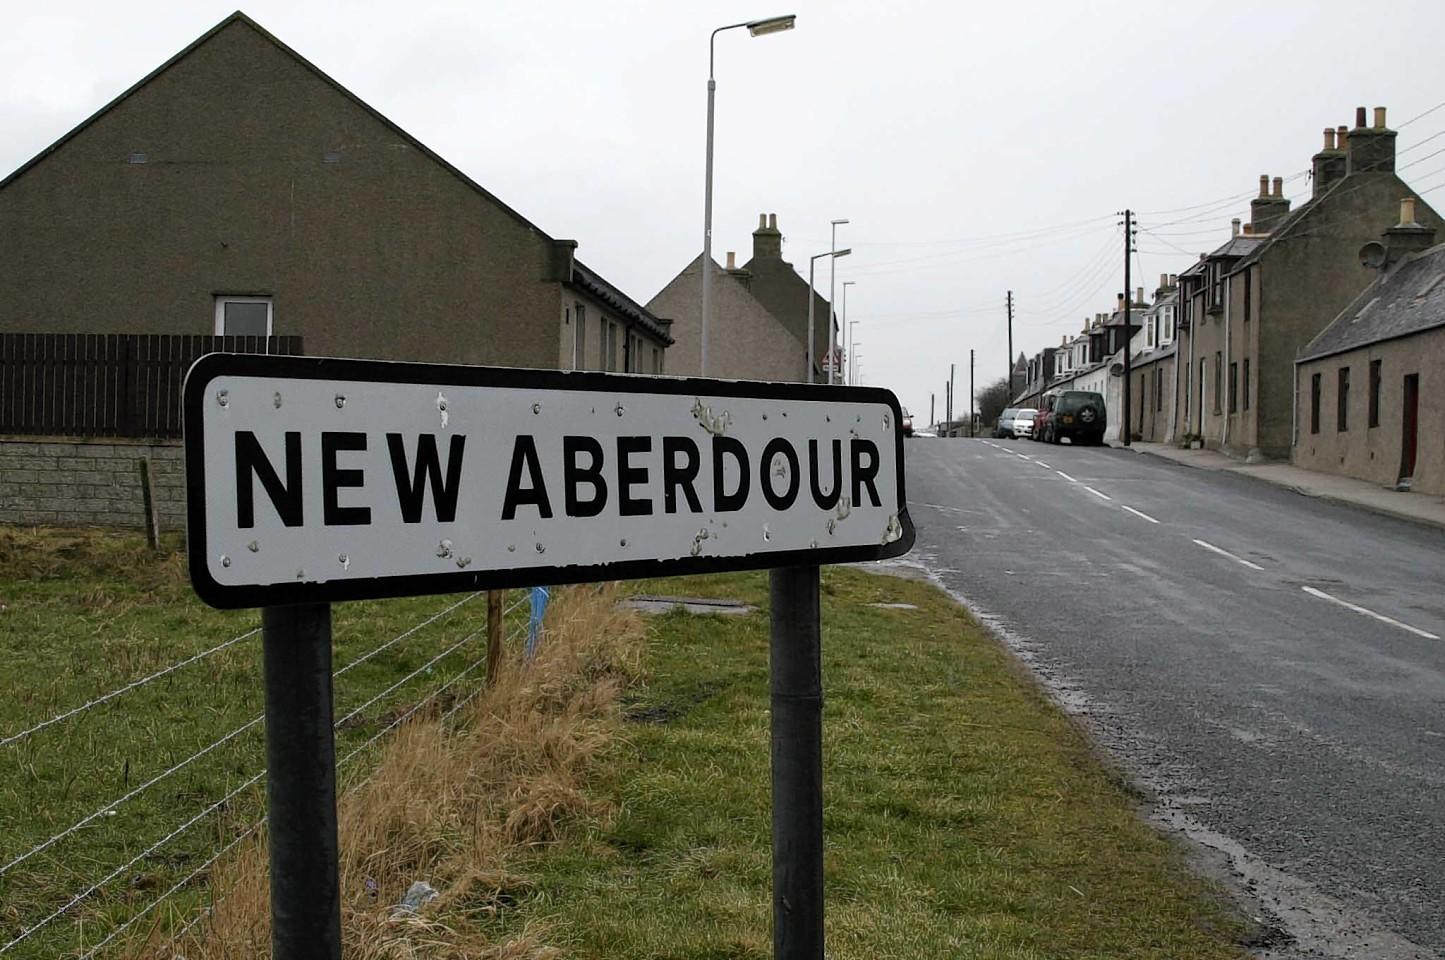 New Aberdour